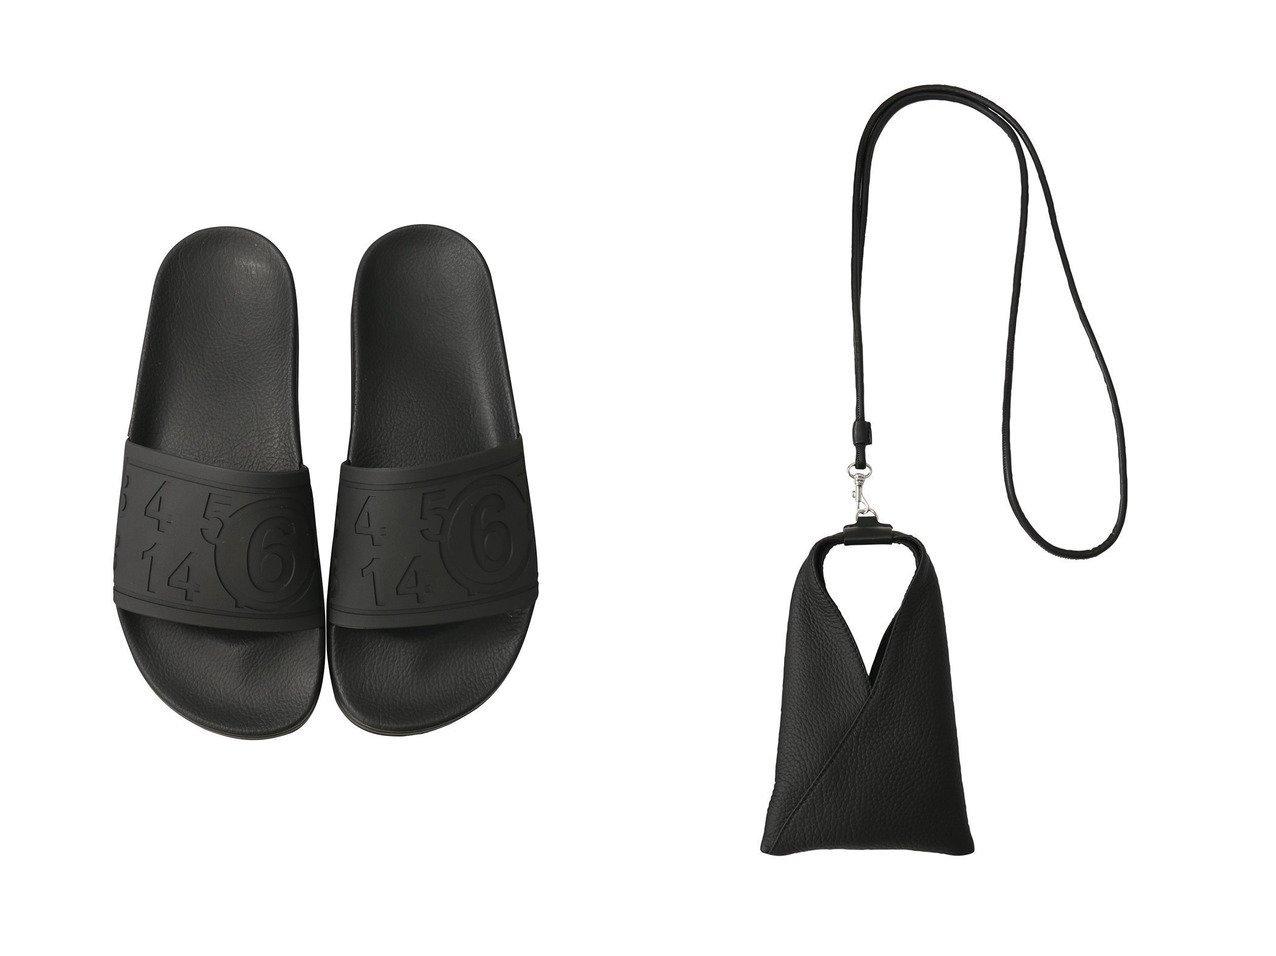 【MM6 Maison Martin Margiela/エムエム6 メゾン マルタン マルジェラ】のリアルグレインレザーショルダーバッグ&マットTPUサンダル MM6 Maison Martin Margielaのおすすめ!人気、トレンド・レディースファッションの通販 おすすめで人気の流行・トレンド、ファッションの通販商品 メンズファッション・キッズファッション・インテリア・家具・レディースファッション・服の通販 founy(ファニー) https://founy.com/ ファッション Fashion レディースファッション WOMEN バッグ Bag 2021年 2021 2021 春夏 S/S SS Spring/Summer 2021 S/S 春夏 SS Spring/Summer クッション サンダル シンプル モノトーン リラックス 春 Spring |ID:crp329100000019059